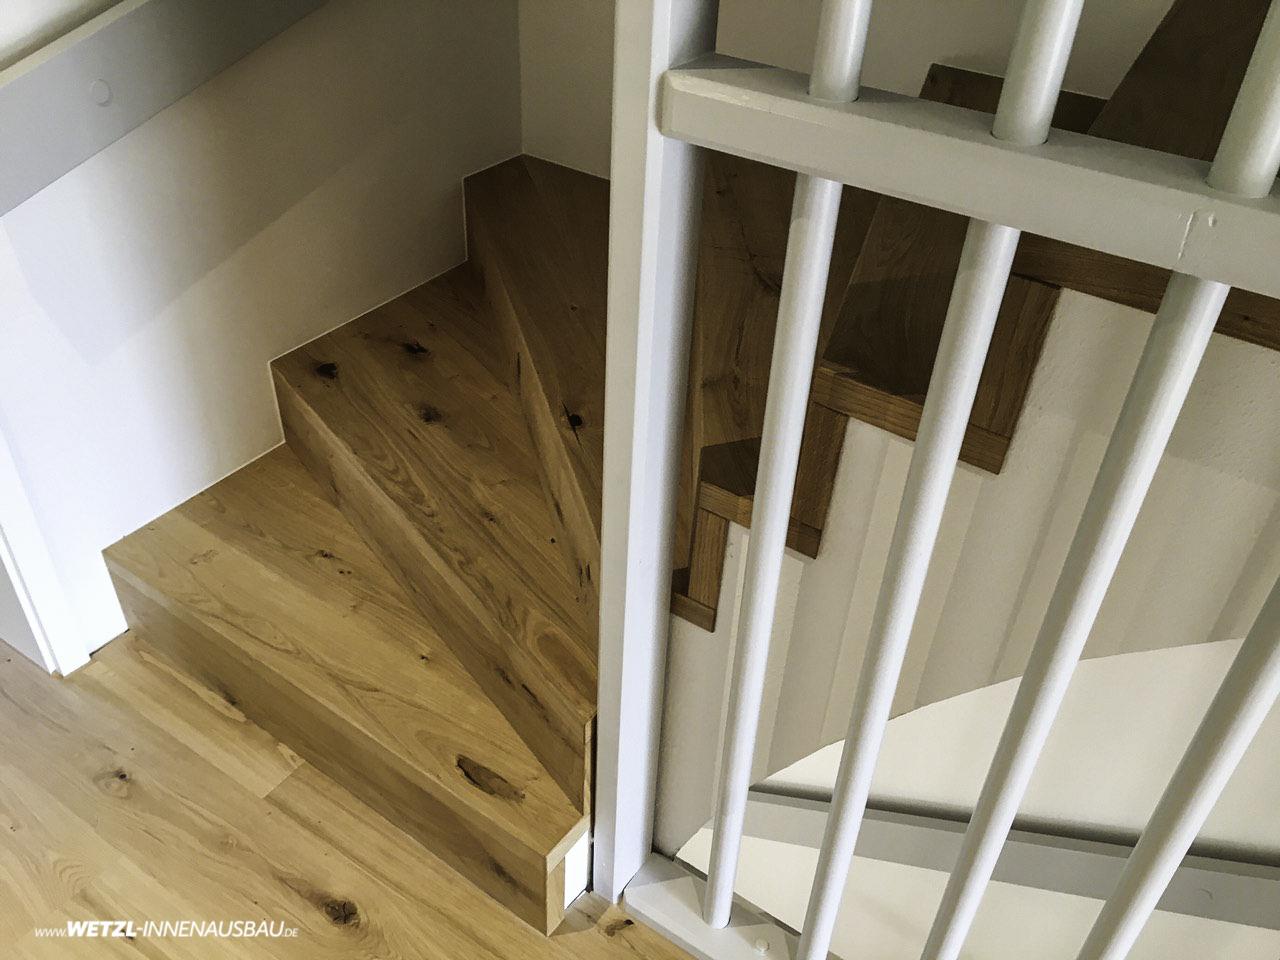 https://wetzl-innenausbau.de/wp-content/uploads/2020/07/wetzl-innenausbau_münchen_treppenhaus-erneuert-5.jpg